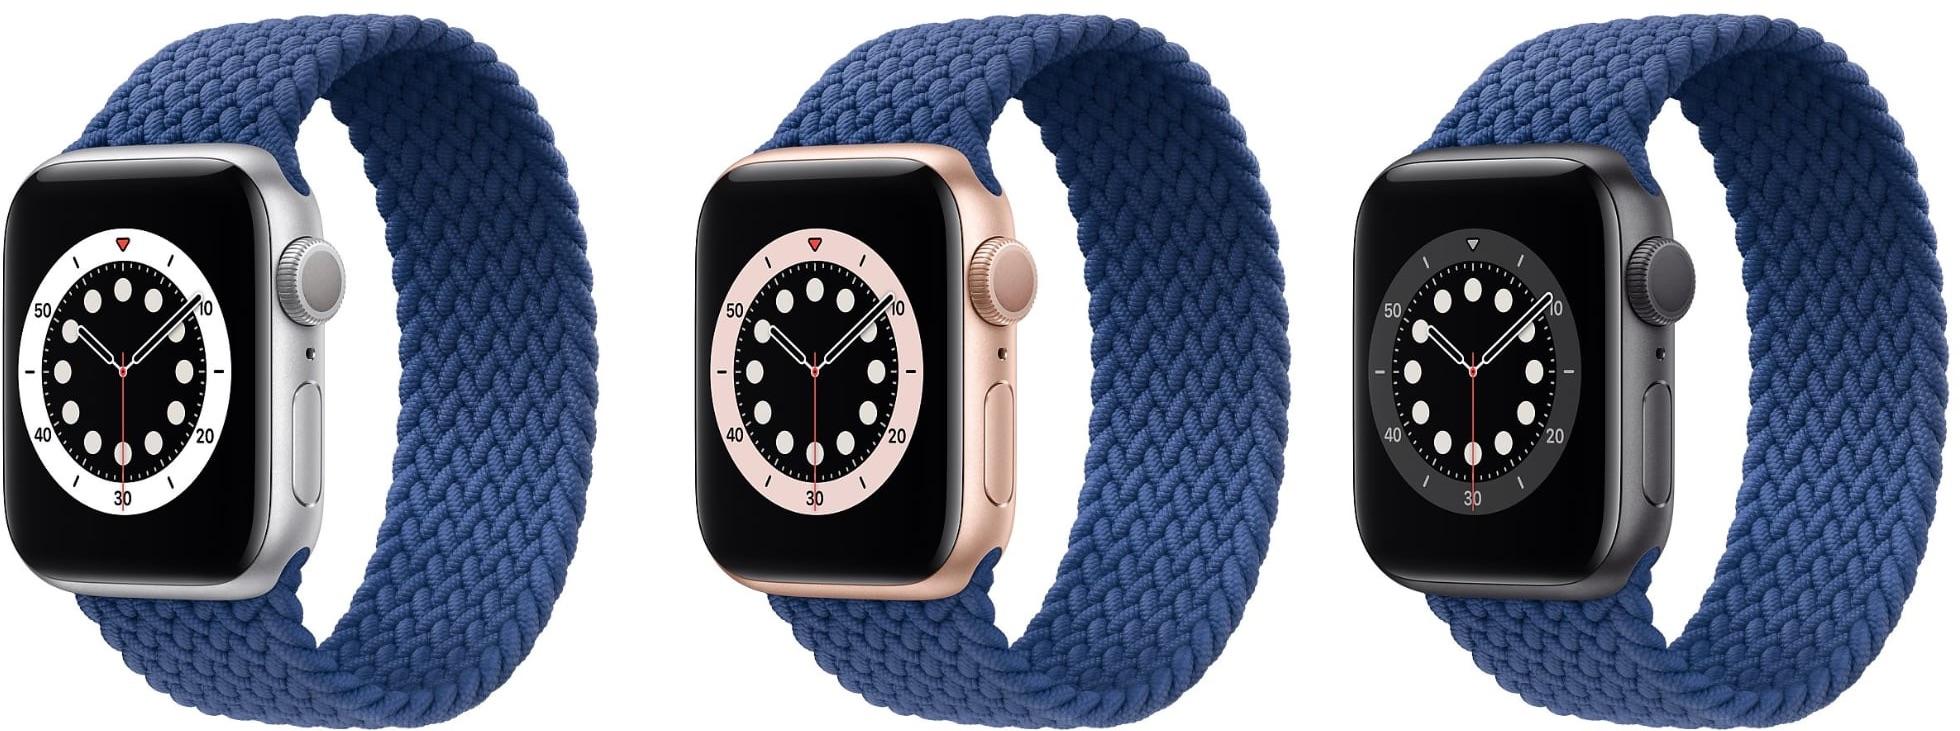 applewatchsealuminum